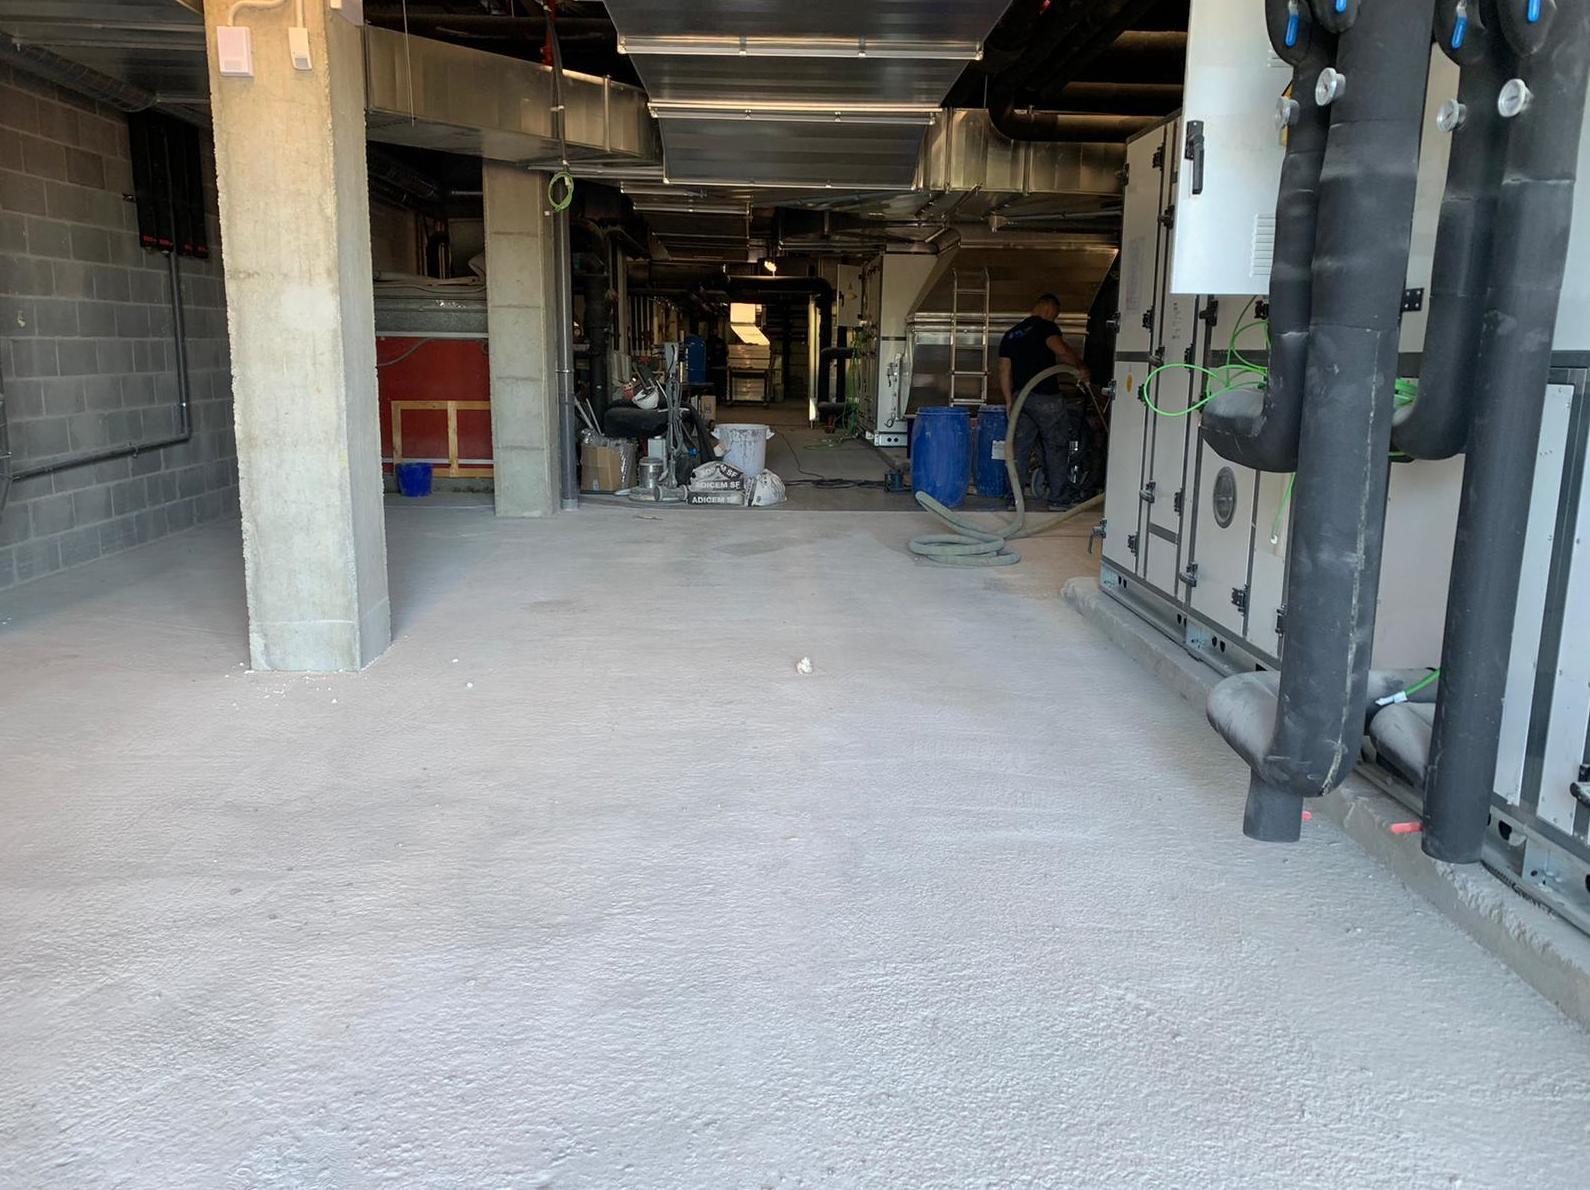 Reparacion de suelos y pintura: Servicios de Pavimentos Aplifort